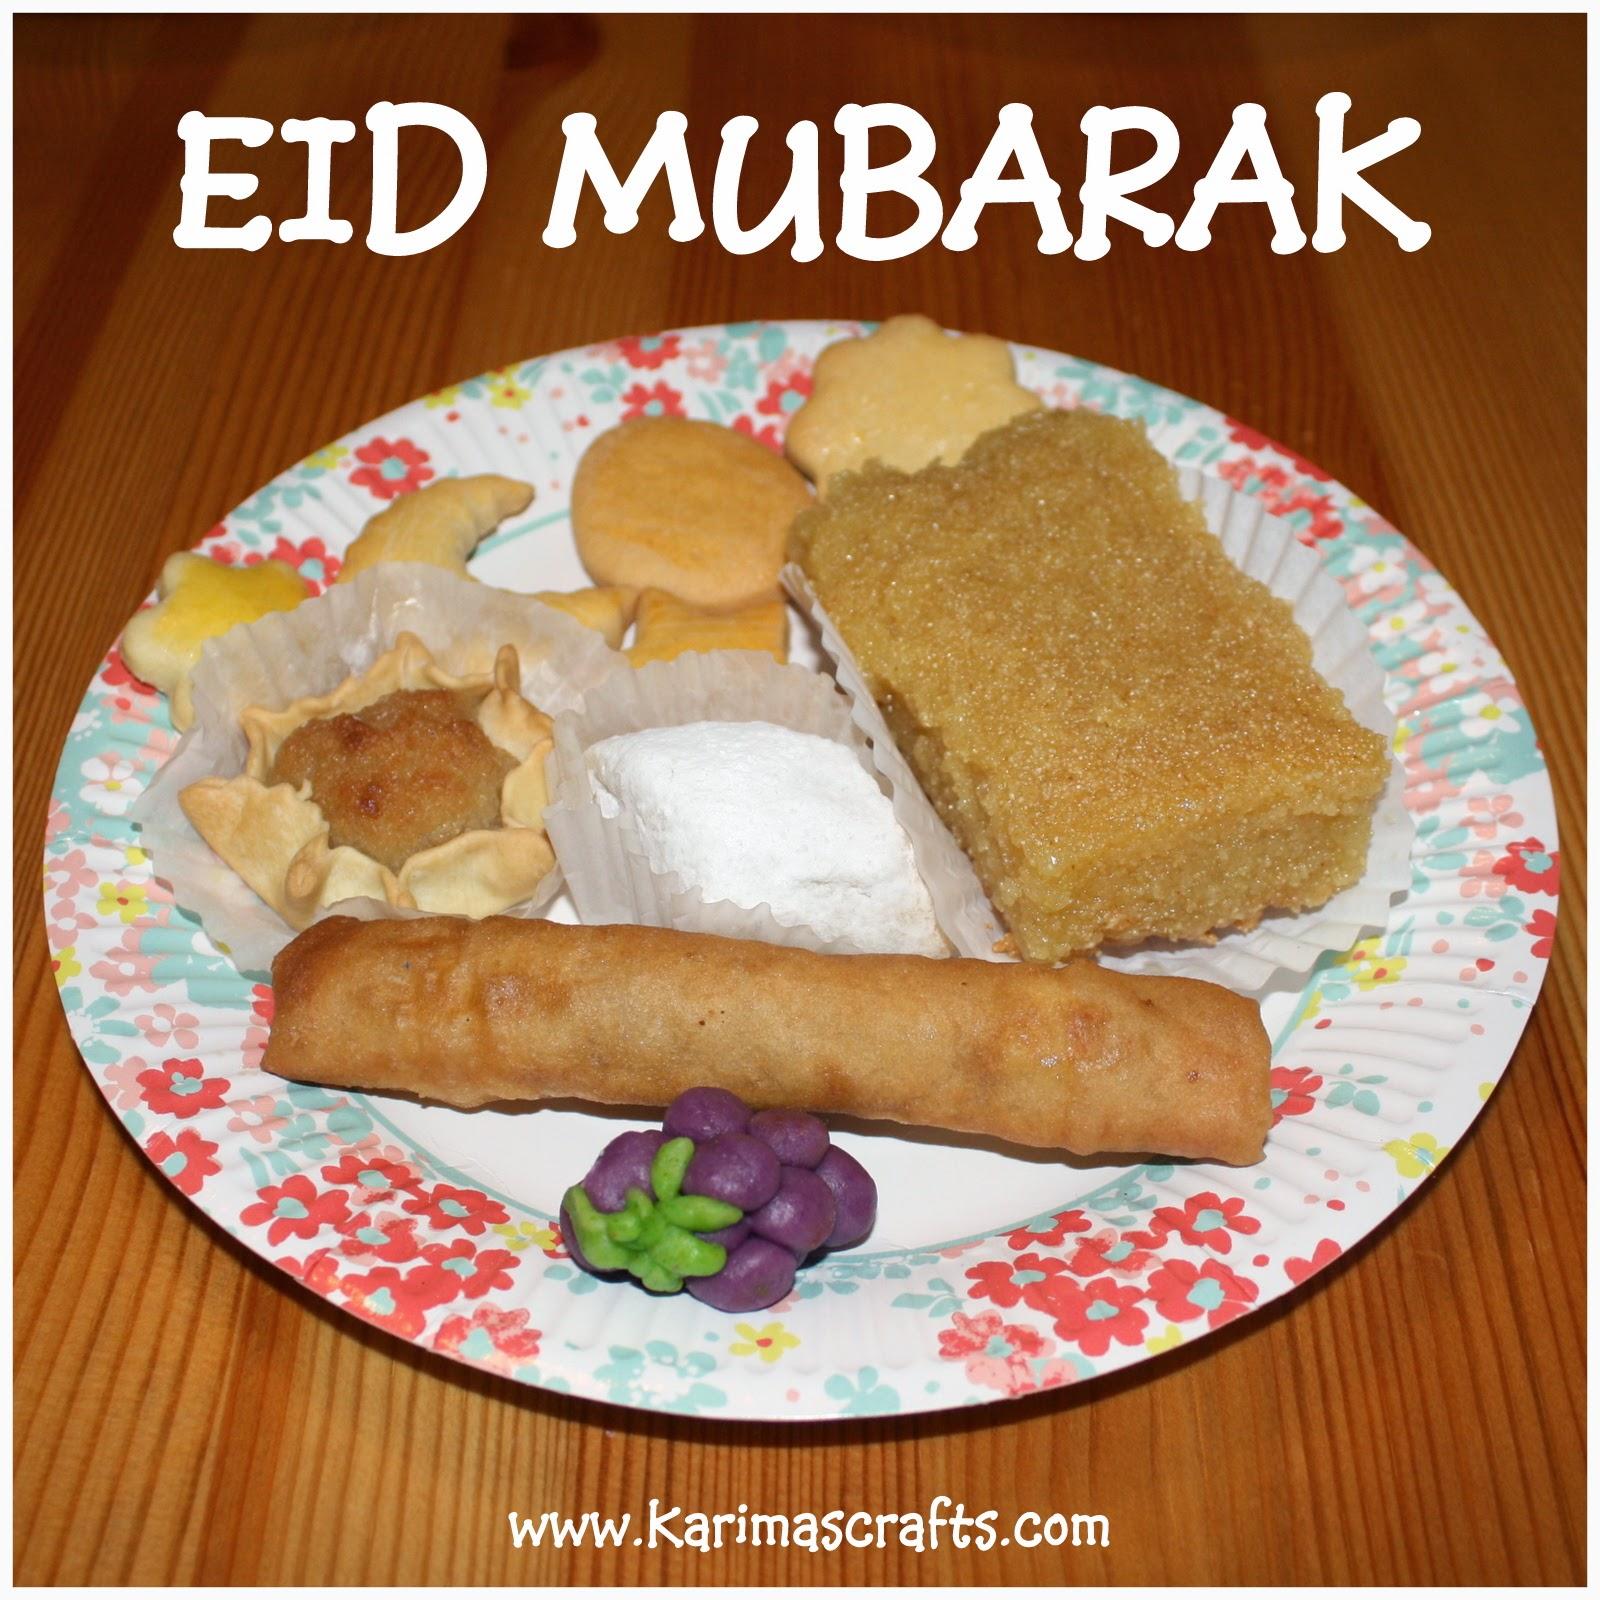 20 Wonderful Eid Mubarak Ideas: Karima's Crafts: Eid Mubarak